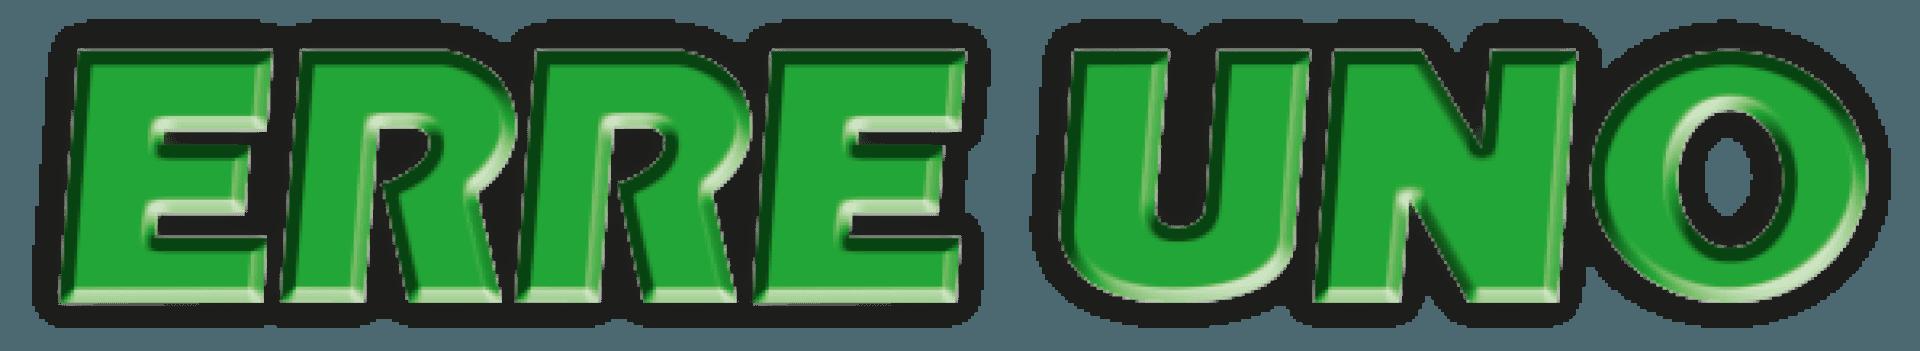 Erre Uno logo